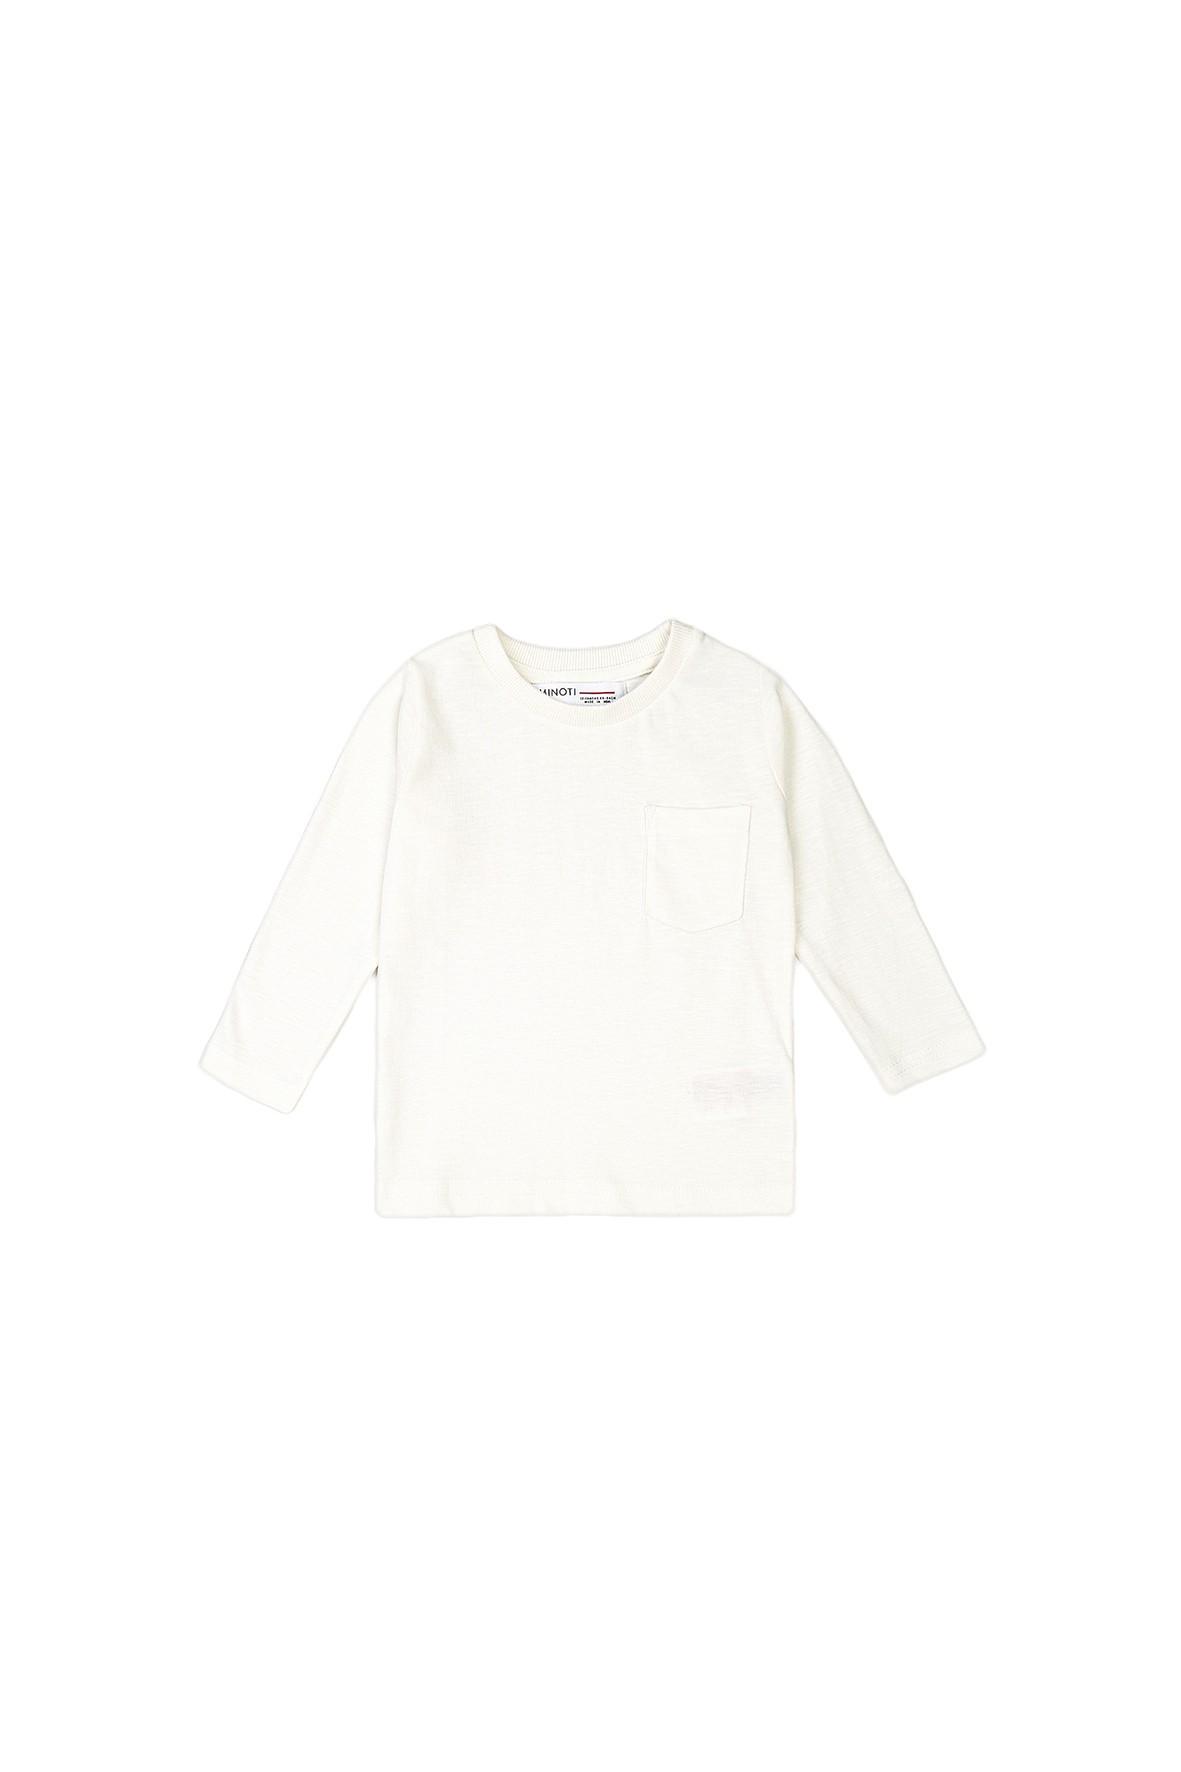 Bluzka chłopięca bawełniana biała z kieszenią